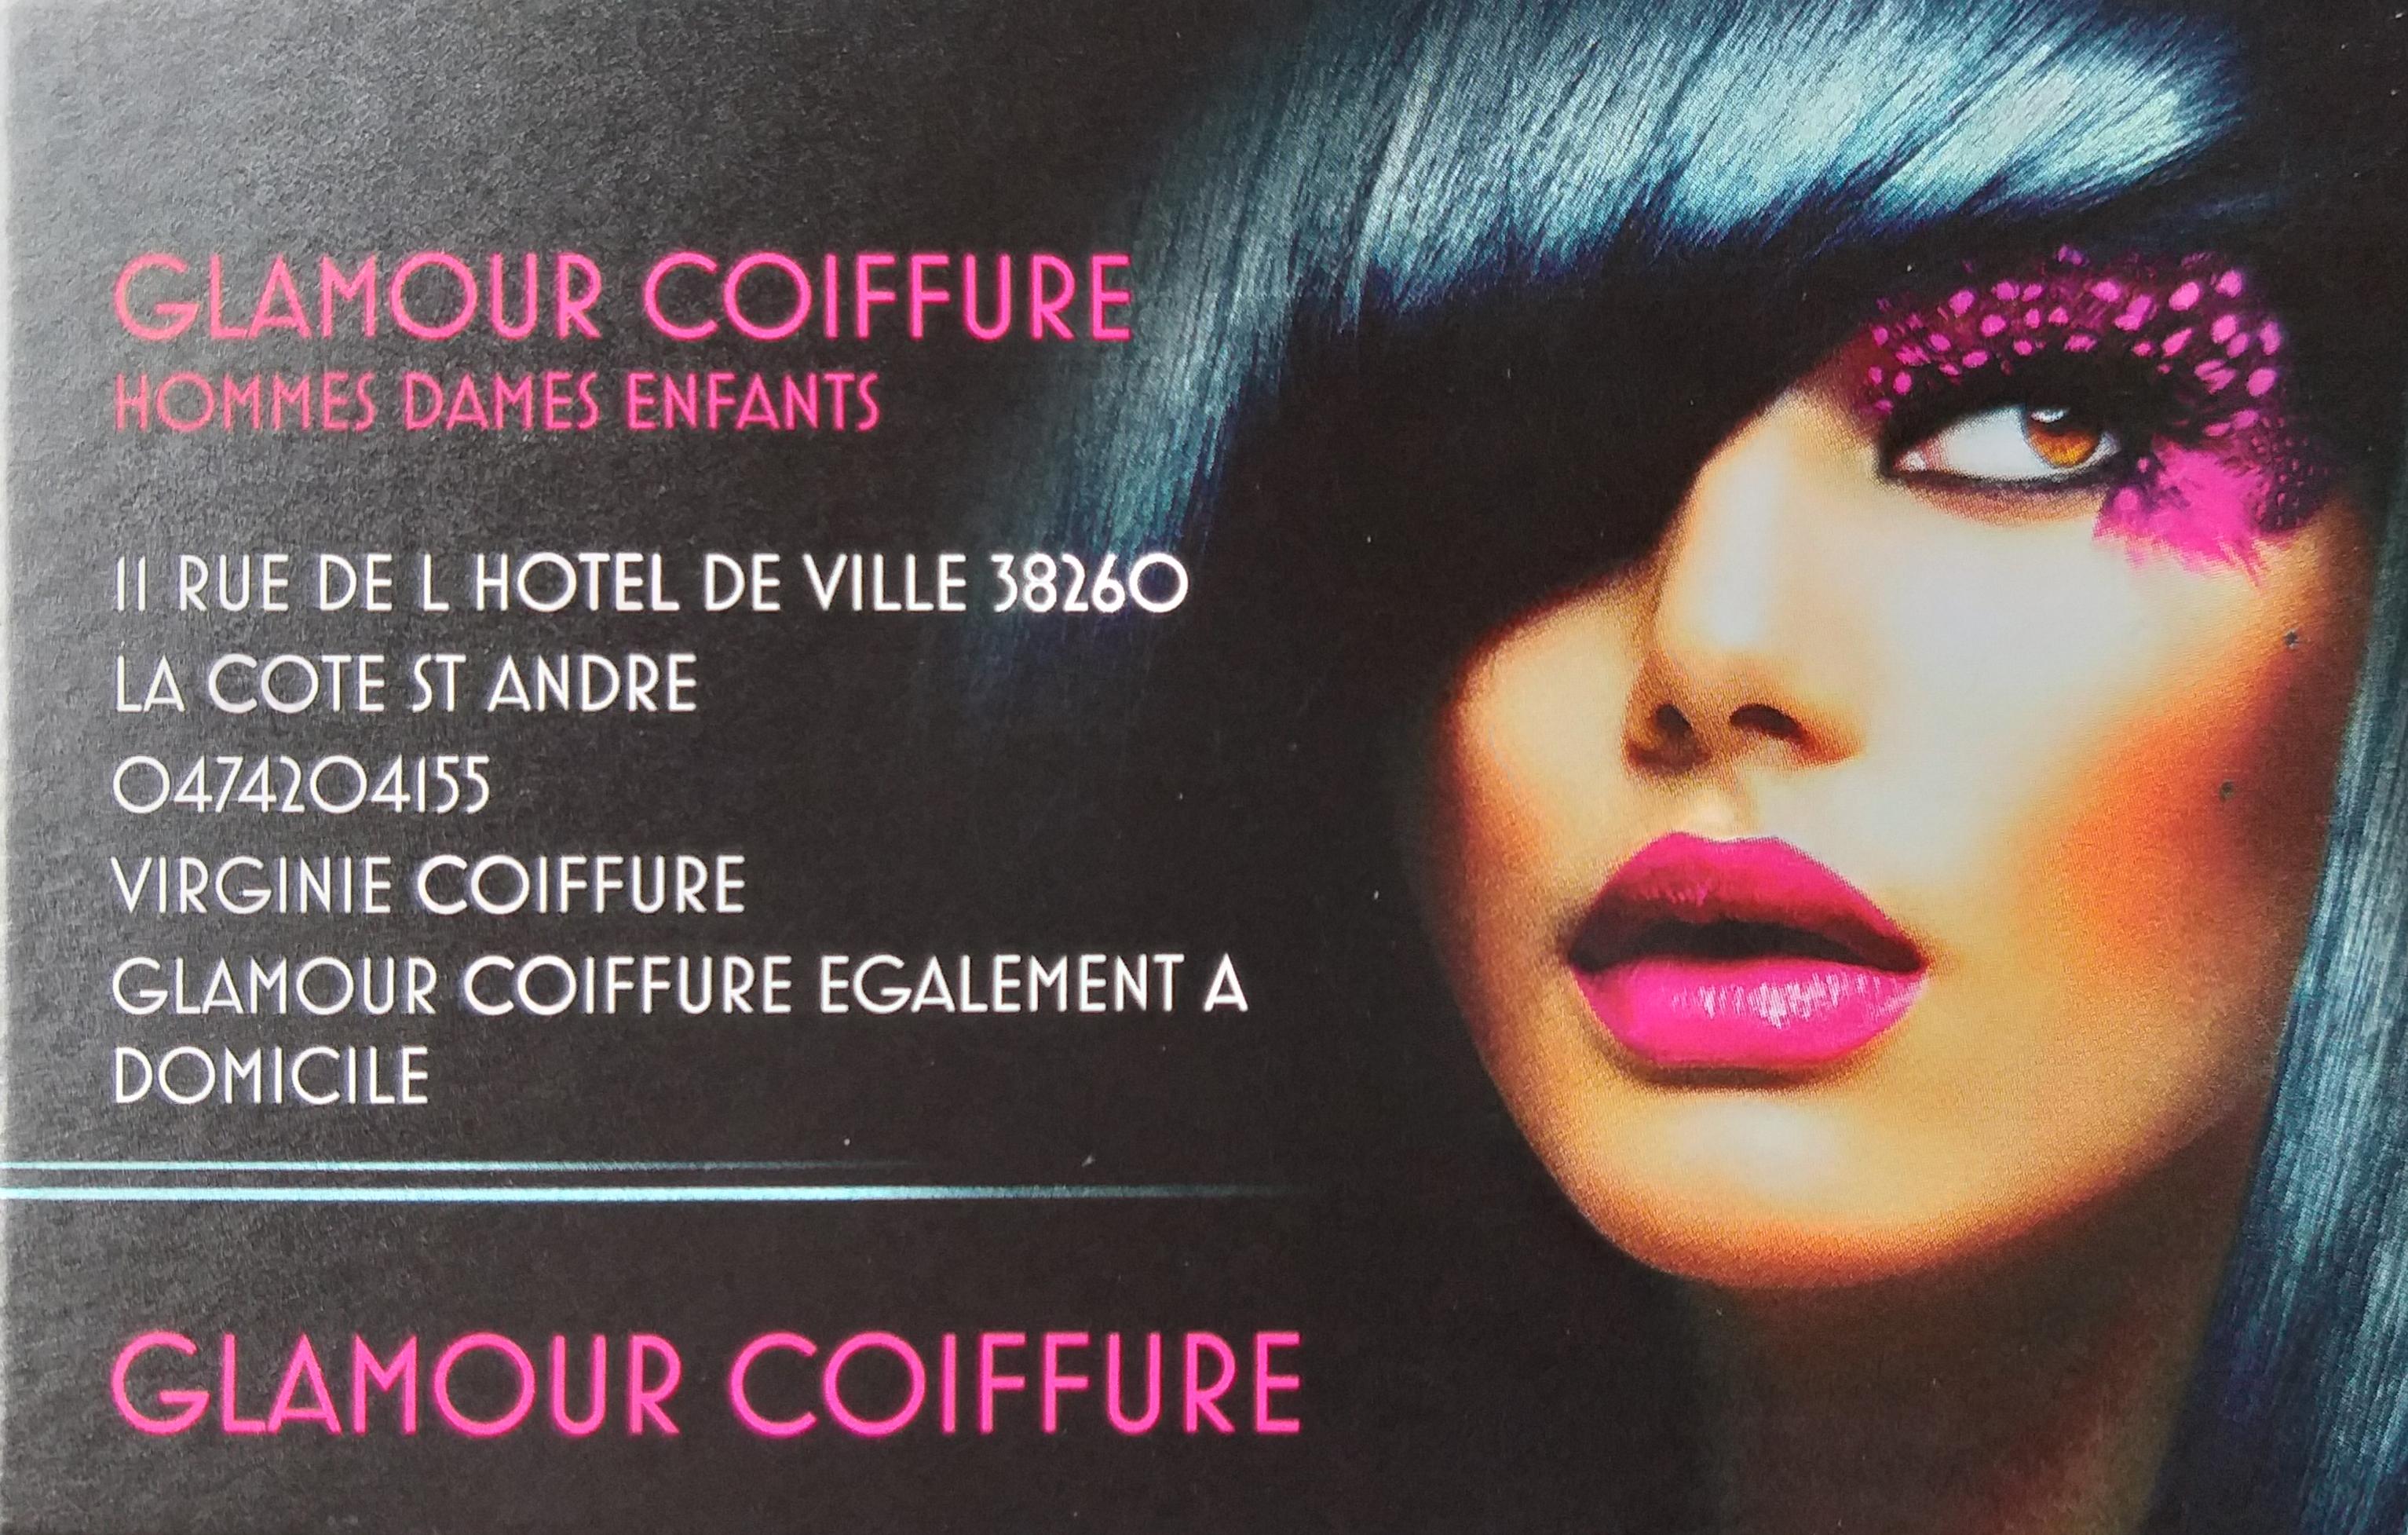 Coffrets Kdo Glamour Coiffure